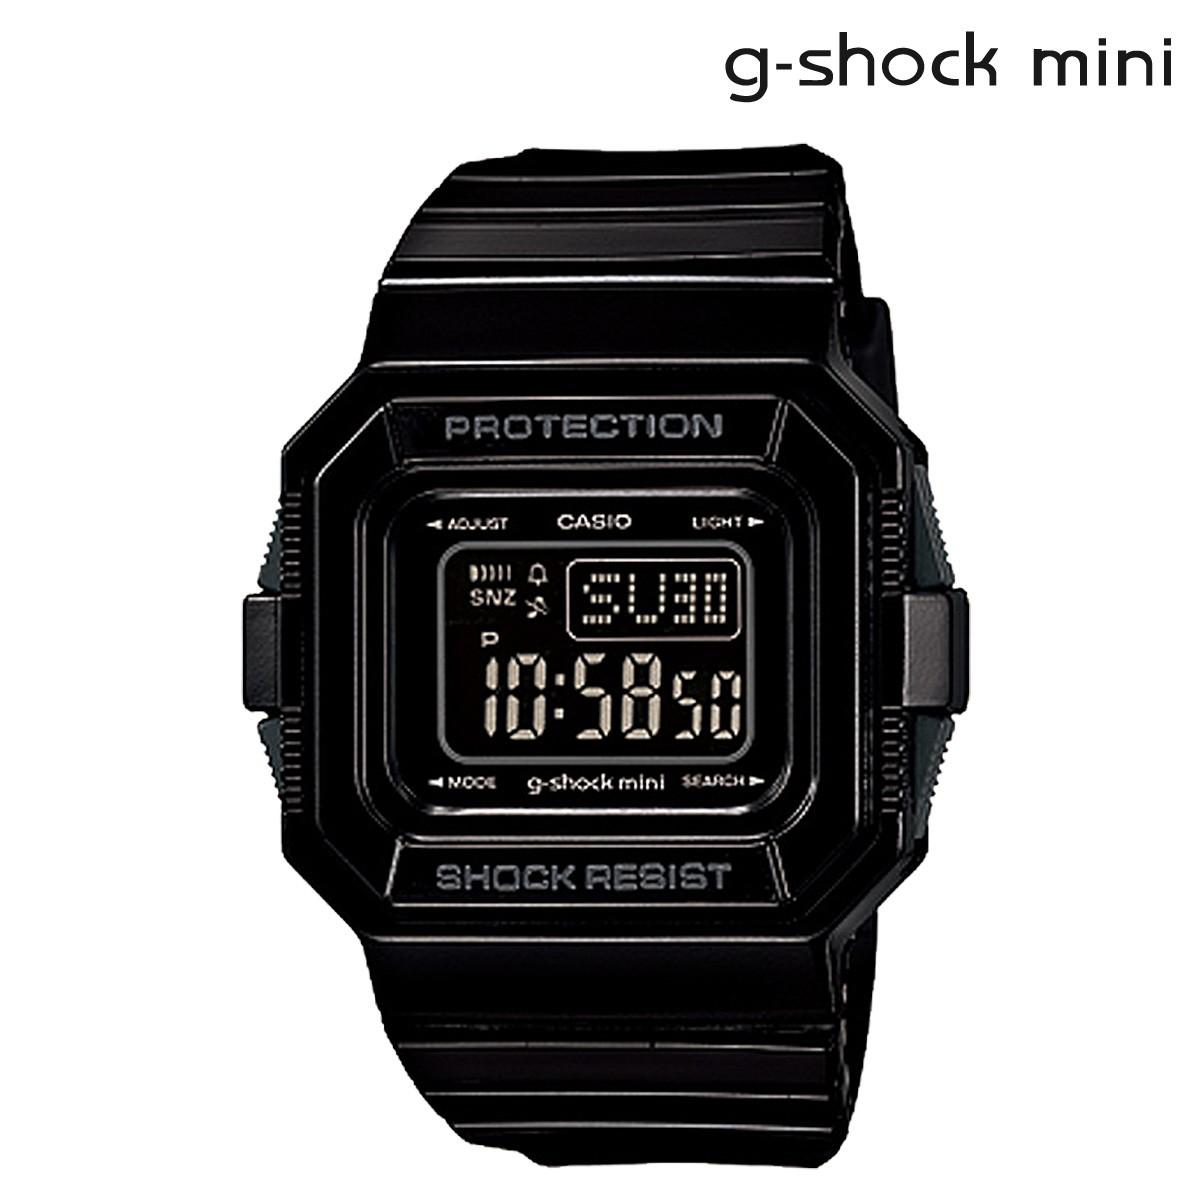 カシオ CASIO g-shock mini 腕時計 GMN-550-1DJR ジーショック ミニ Gショック G-ショック レディース [3/15 追加入荷]